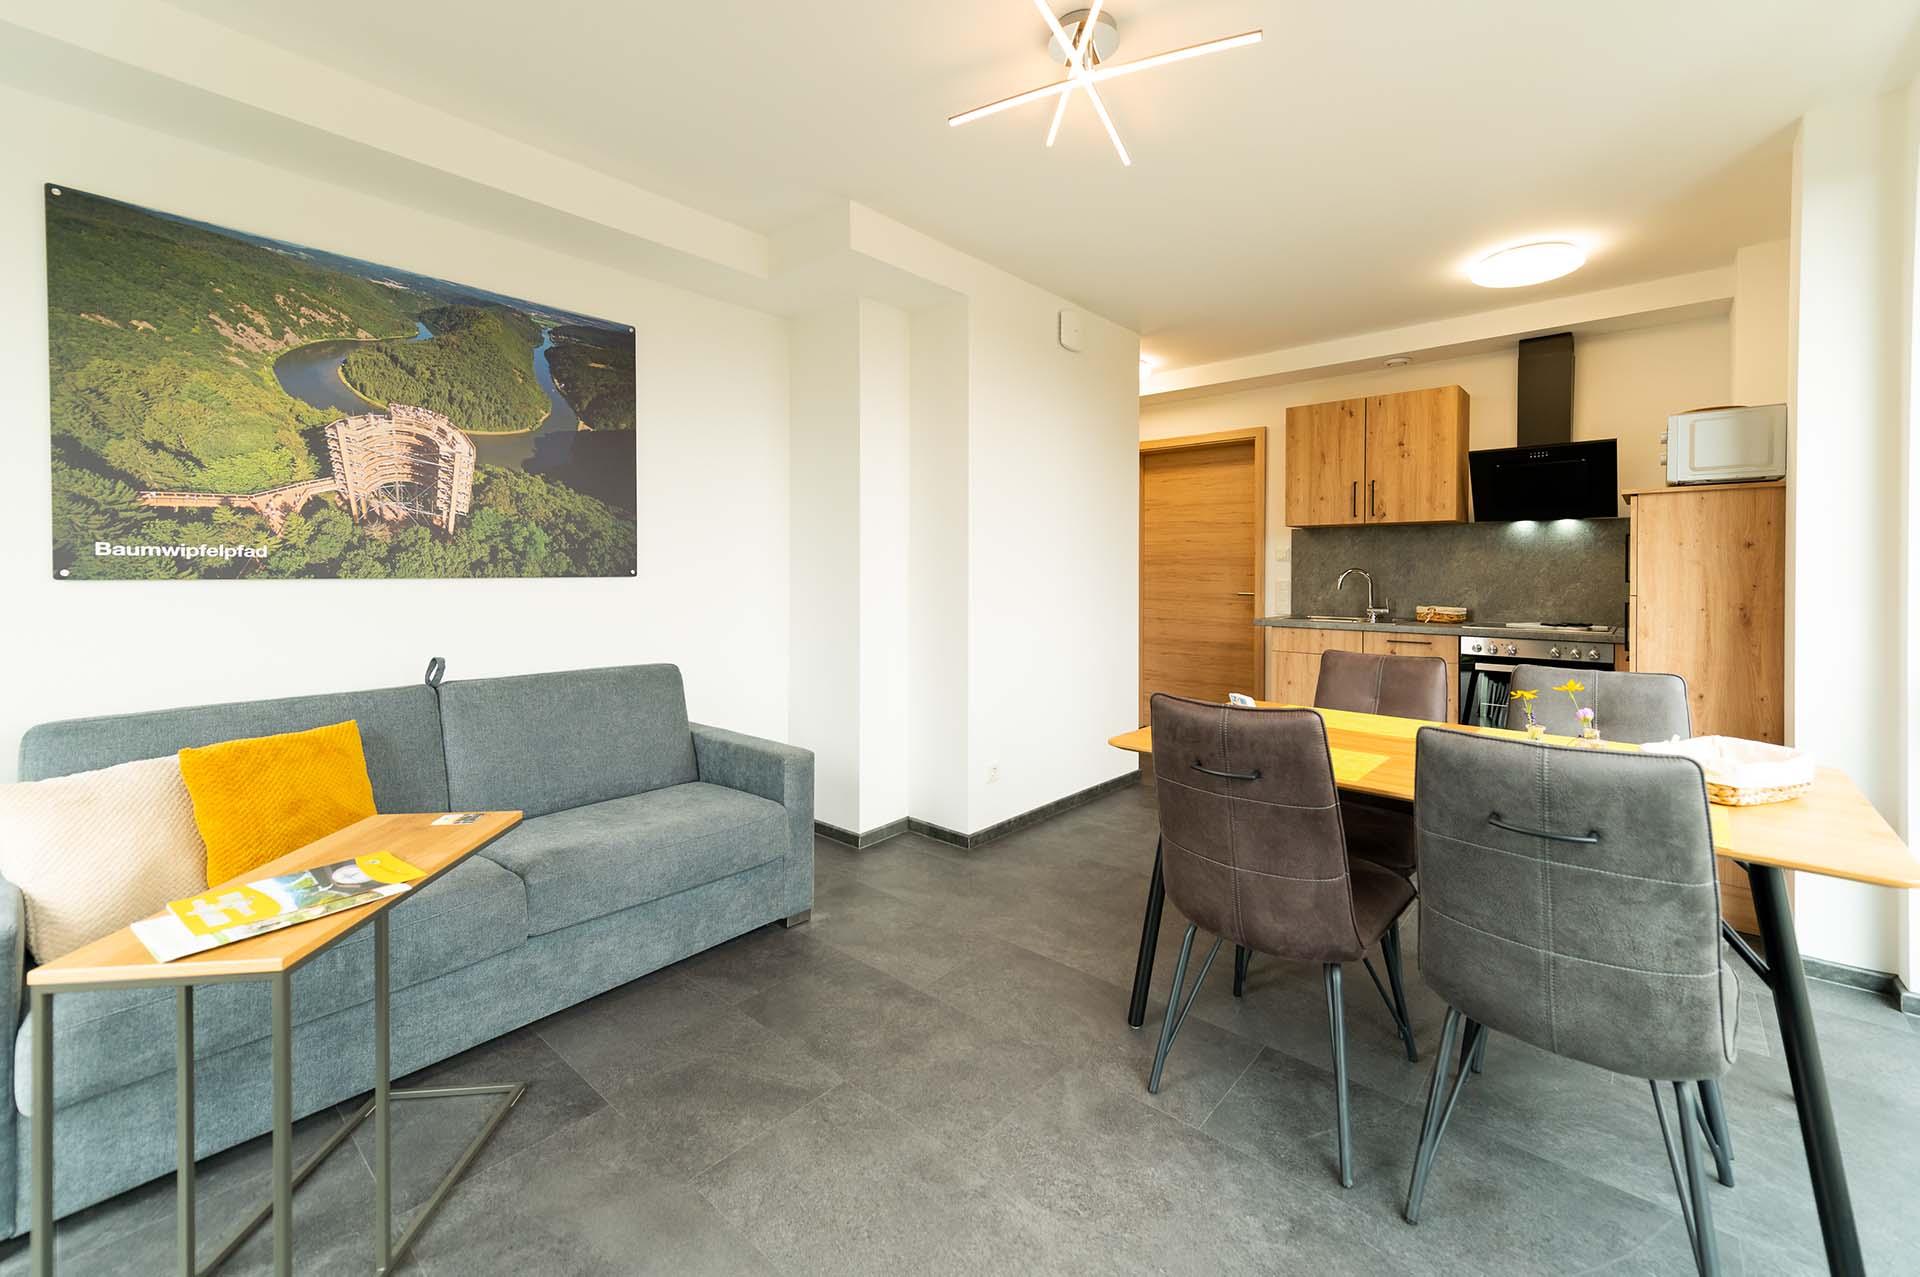 appartement-baumwipfelpfad-saarschleife-kueche-essbereich-wohnbereich